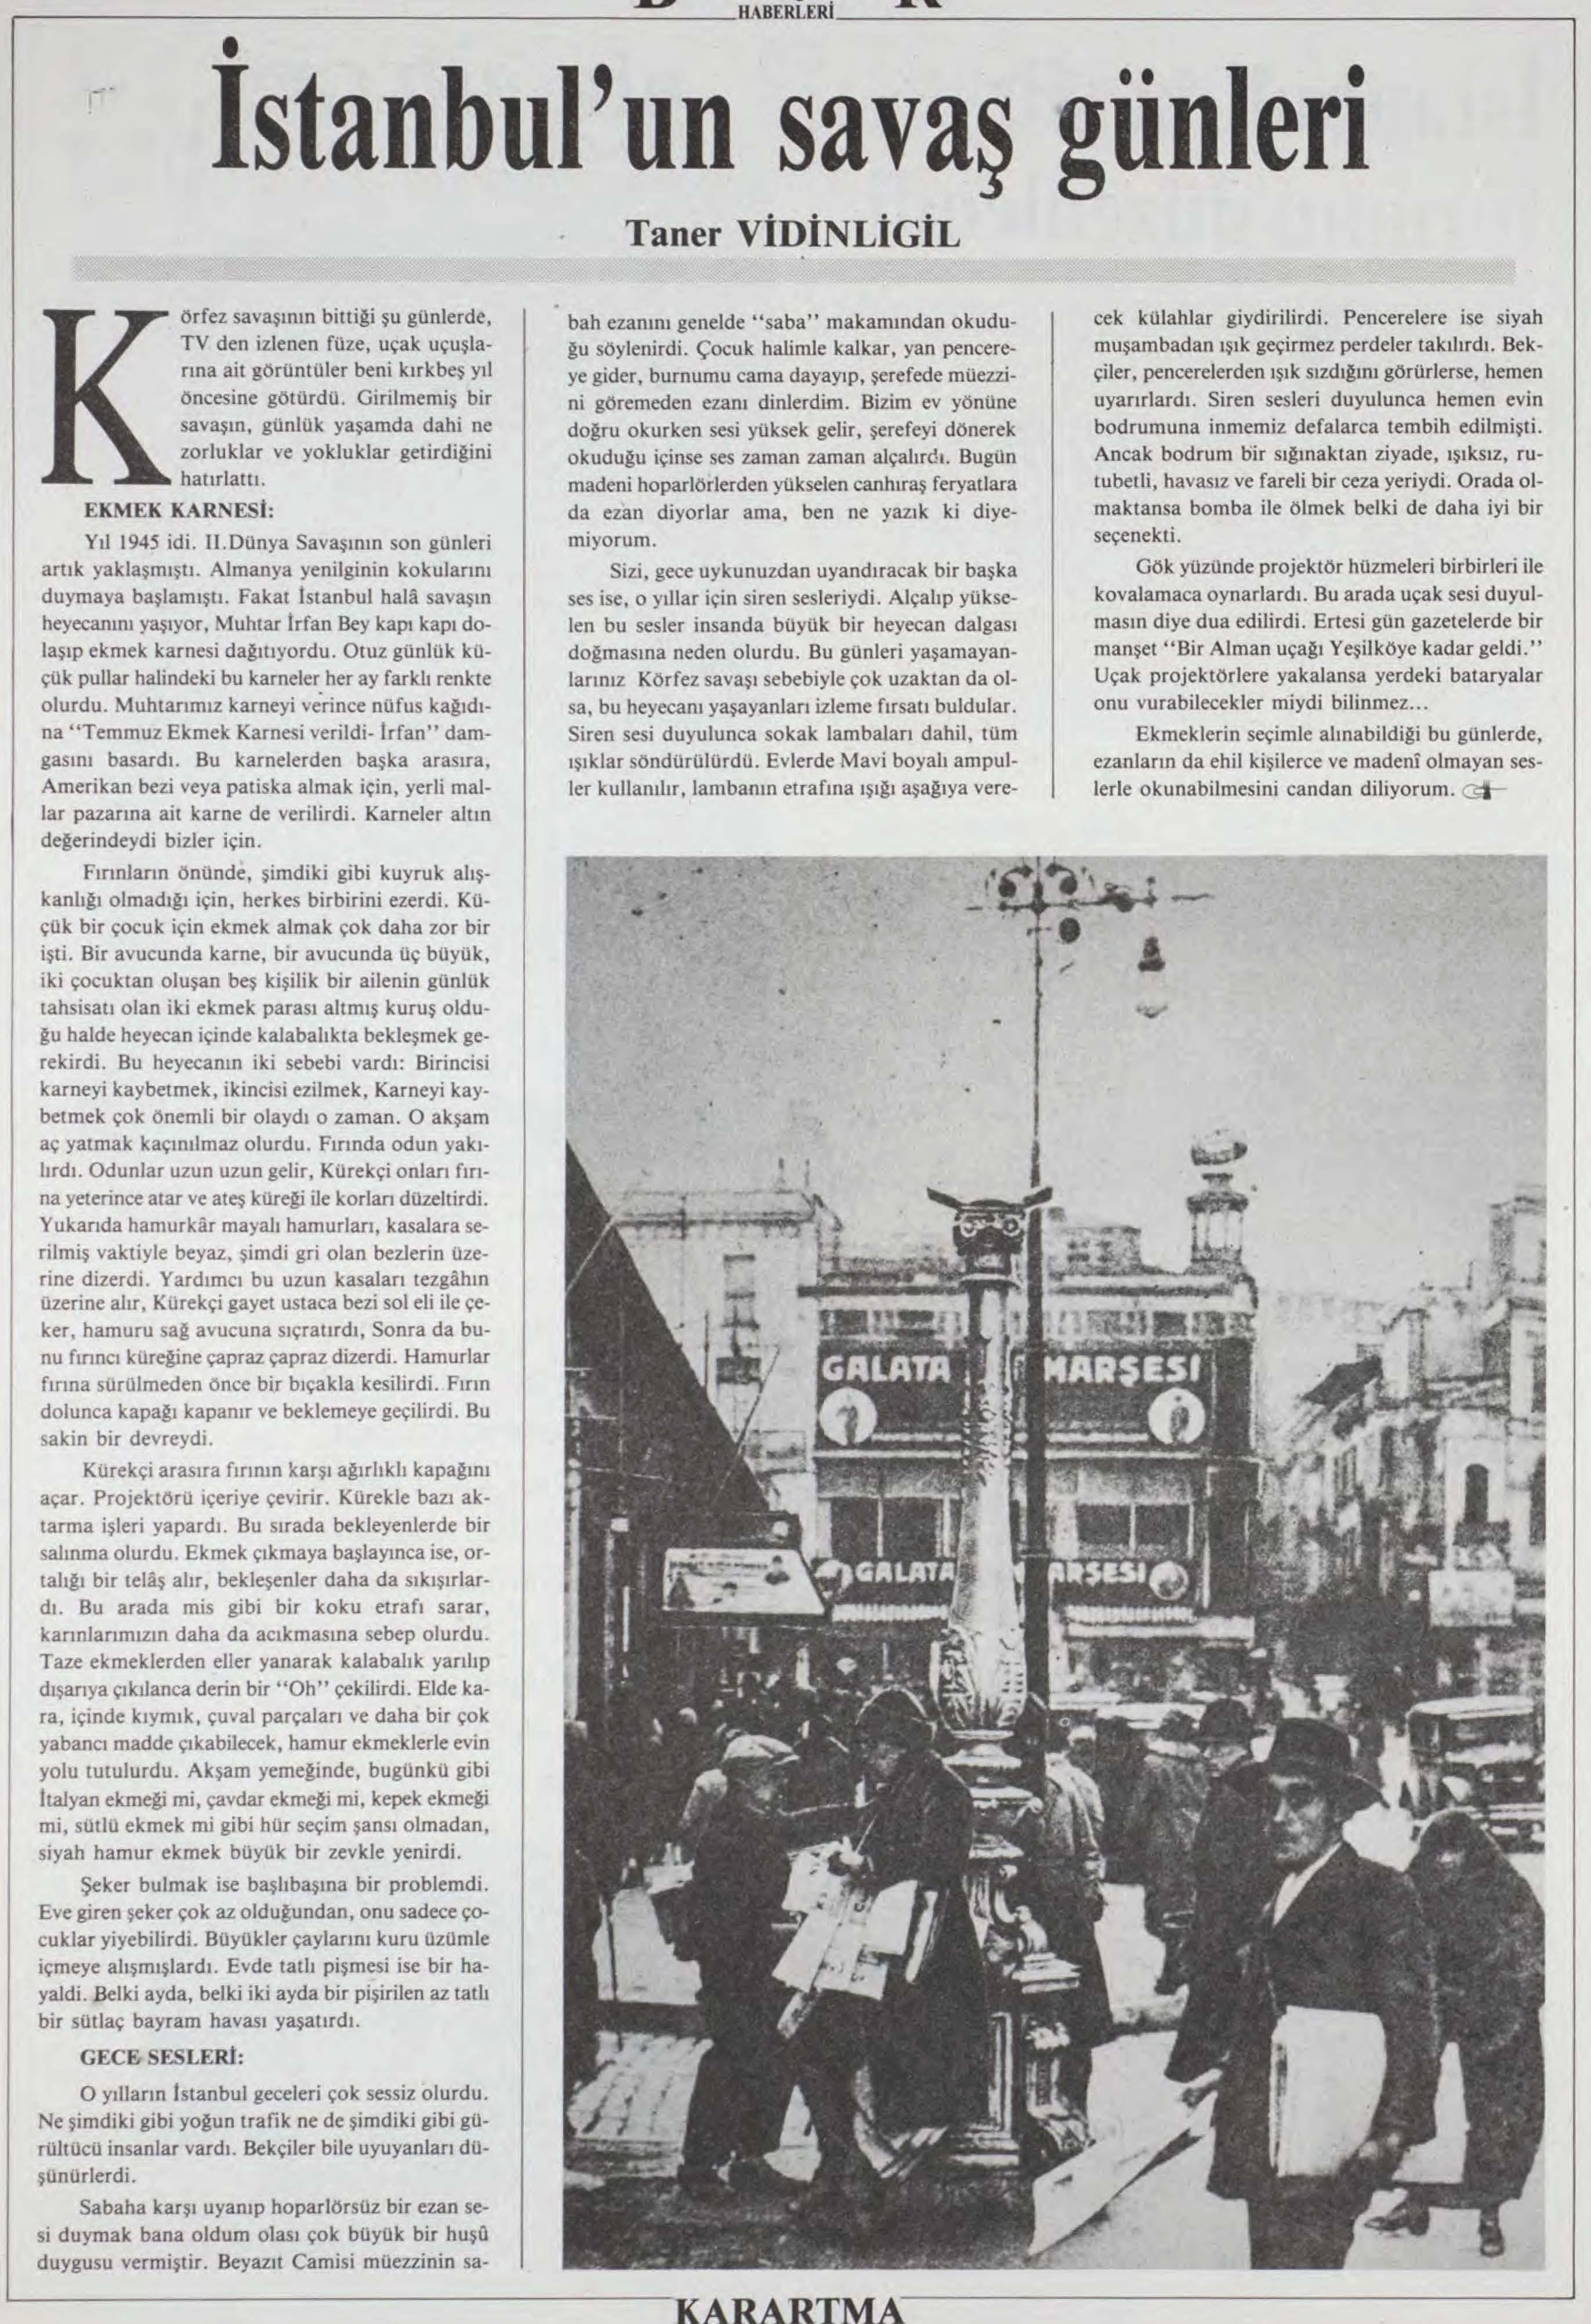 İstanbul'un Savaş Günleri